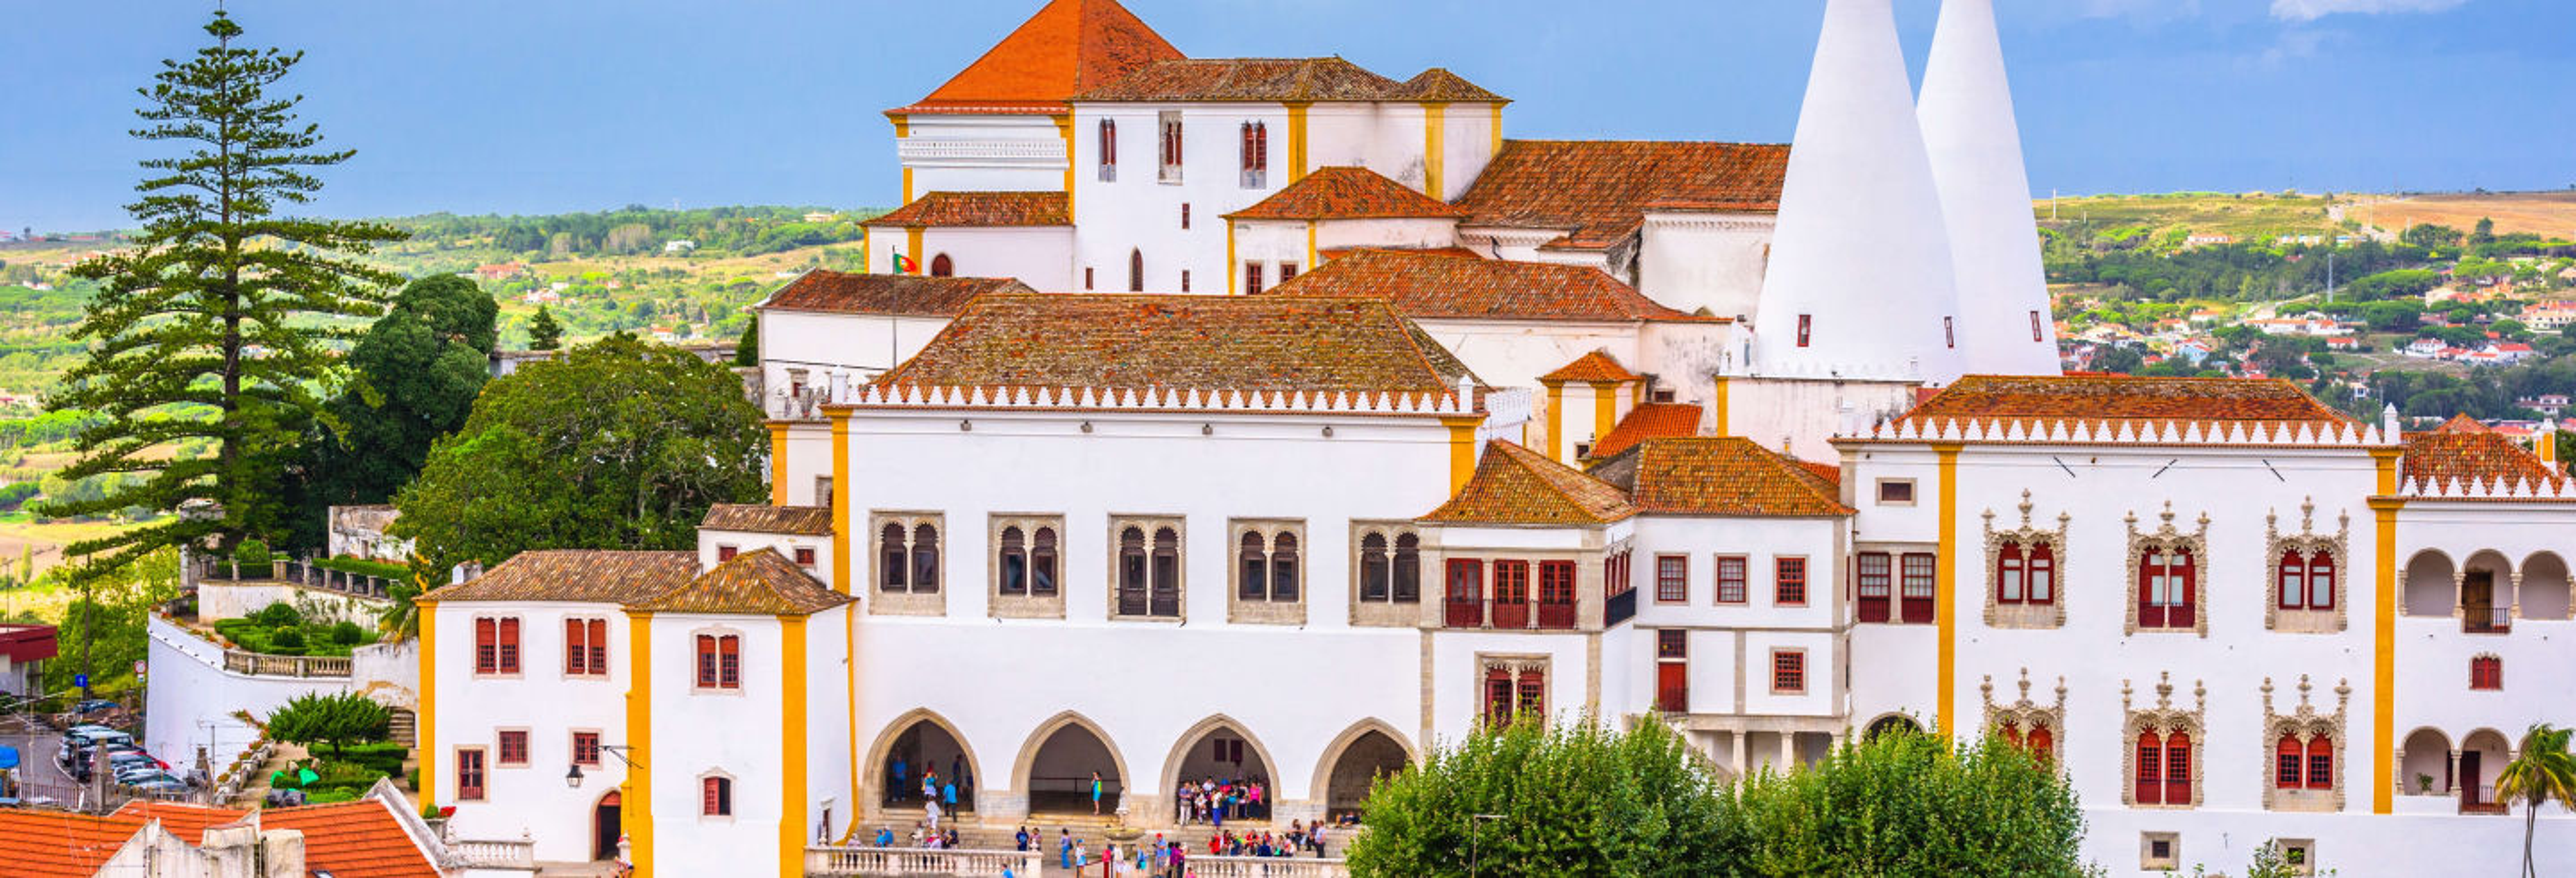 Ingresso do Palácio Nacional de Sintra e seus jardins